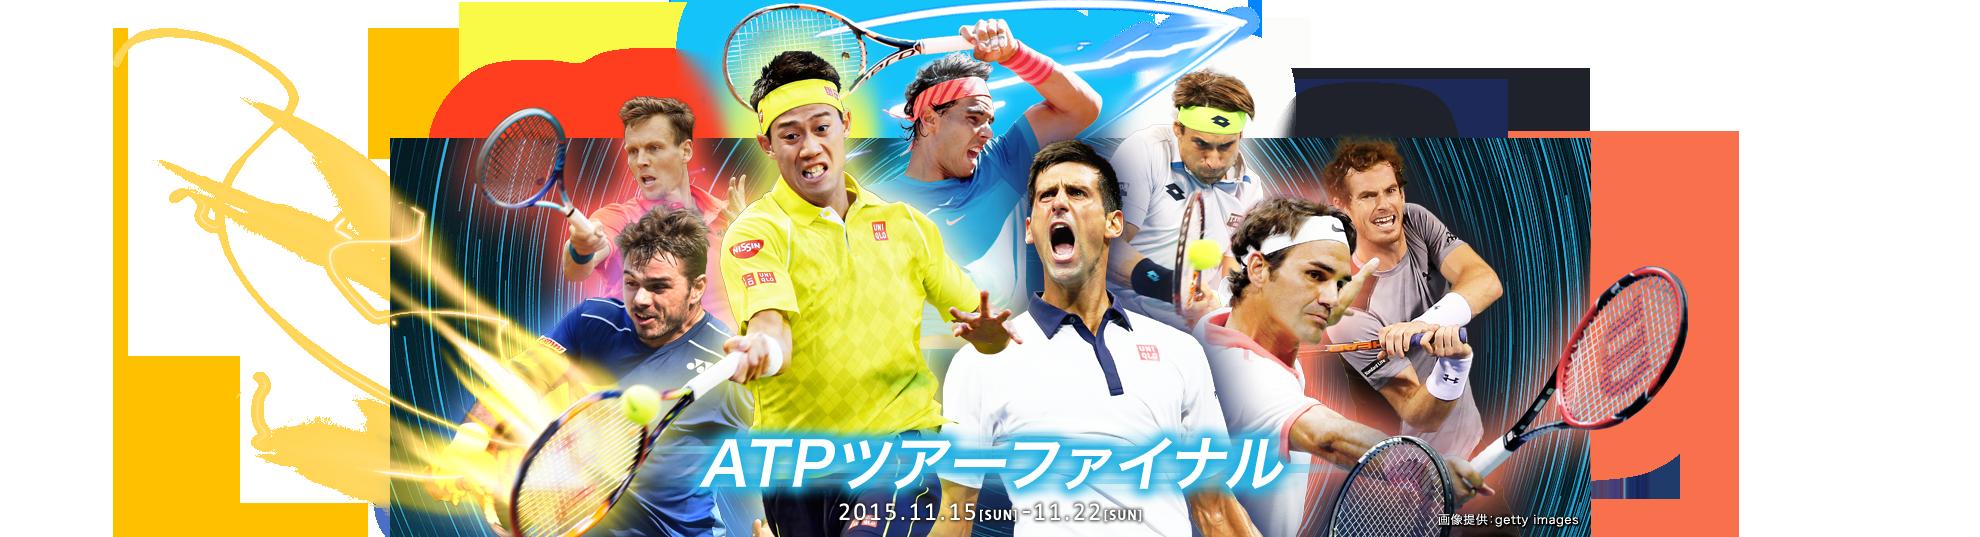 ATPツアーファイナル ATPツアーファイナル2015|総合テニス専門サイト-テニス365 ニュ